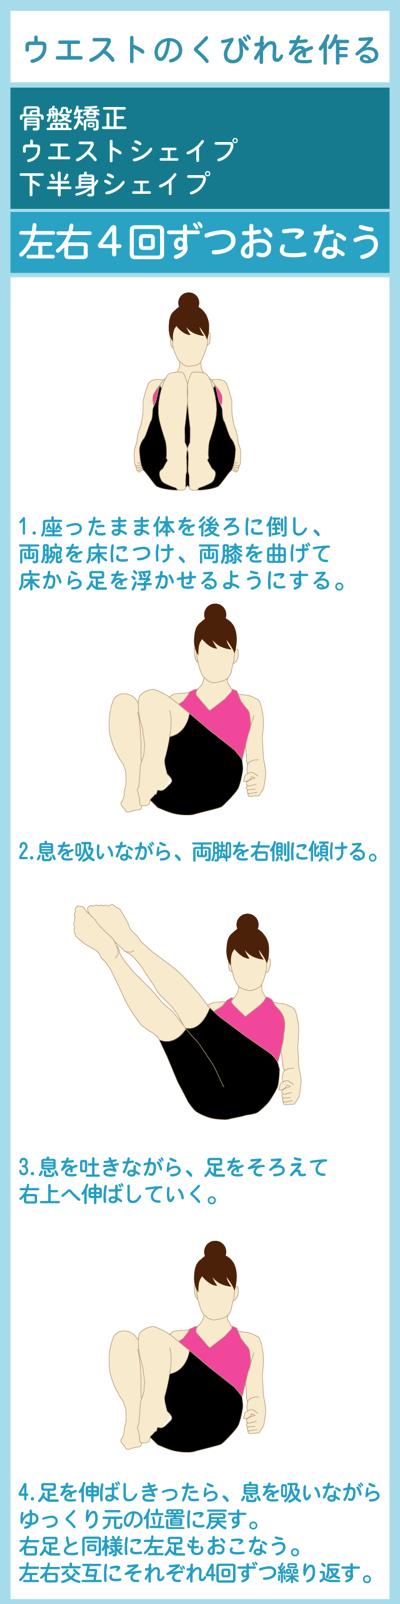 脇腹シェイプ+腸のぜん動運動を助けるピラティス